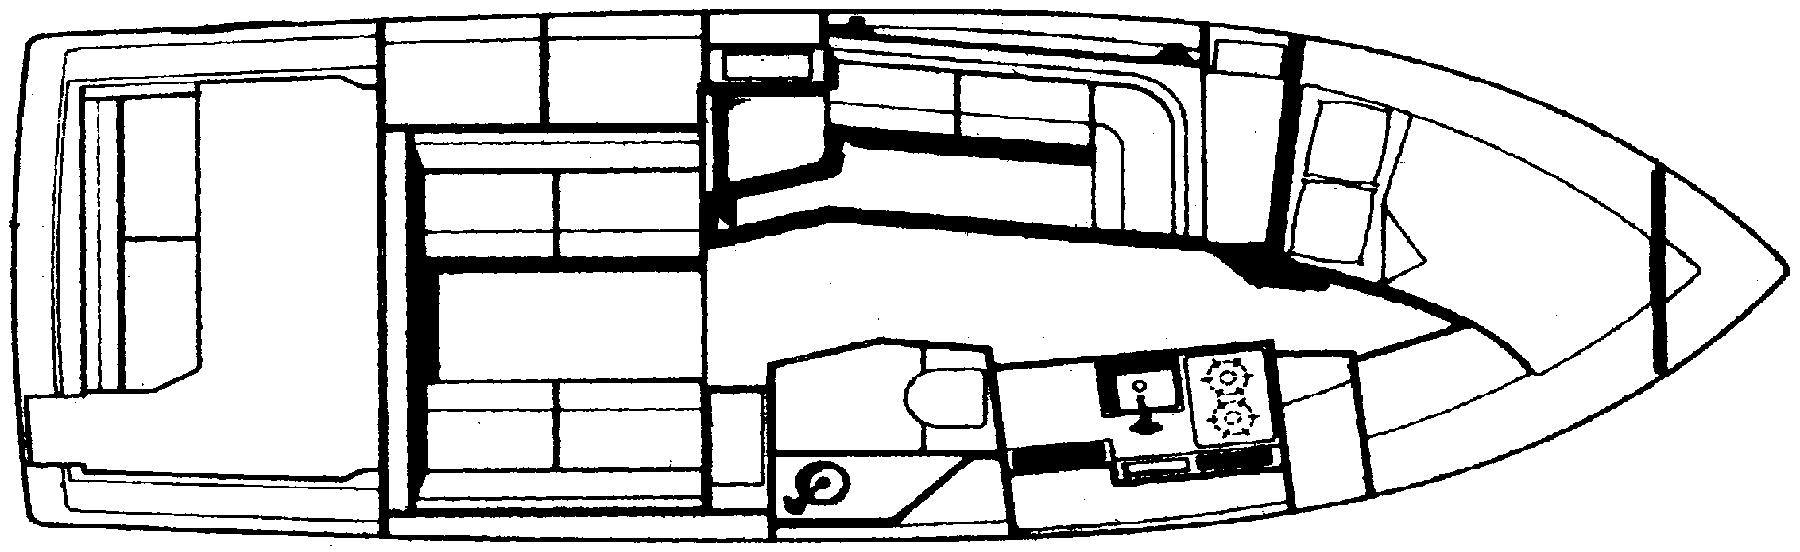 29 PC Floor Plan 1